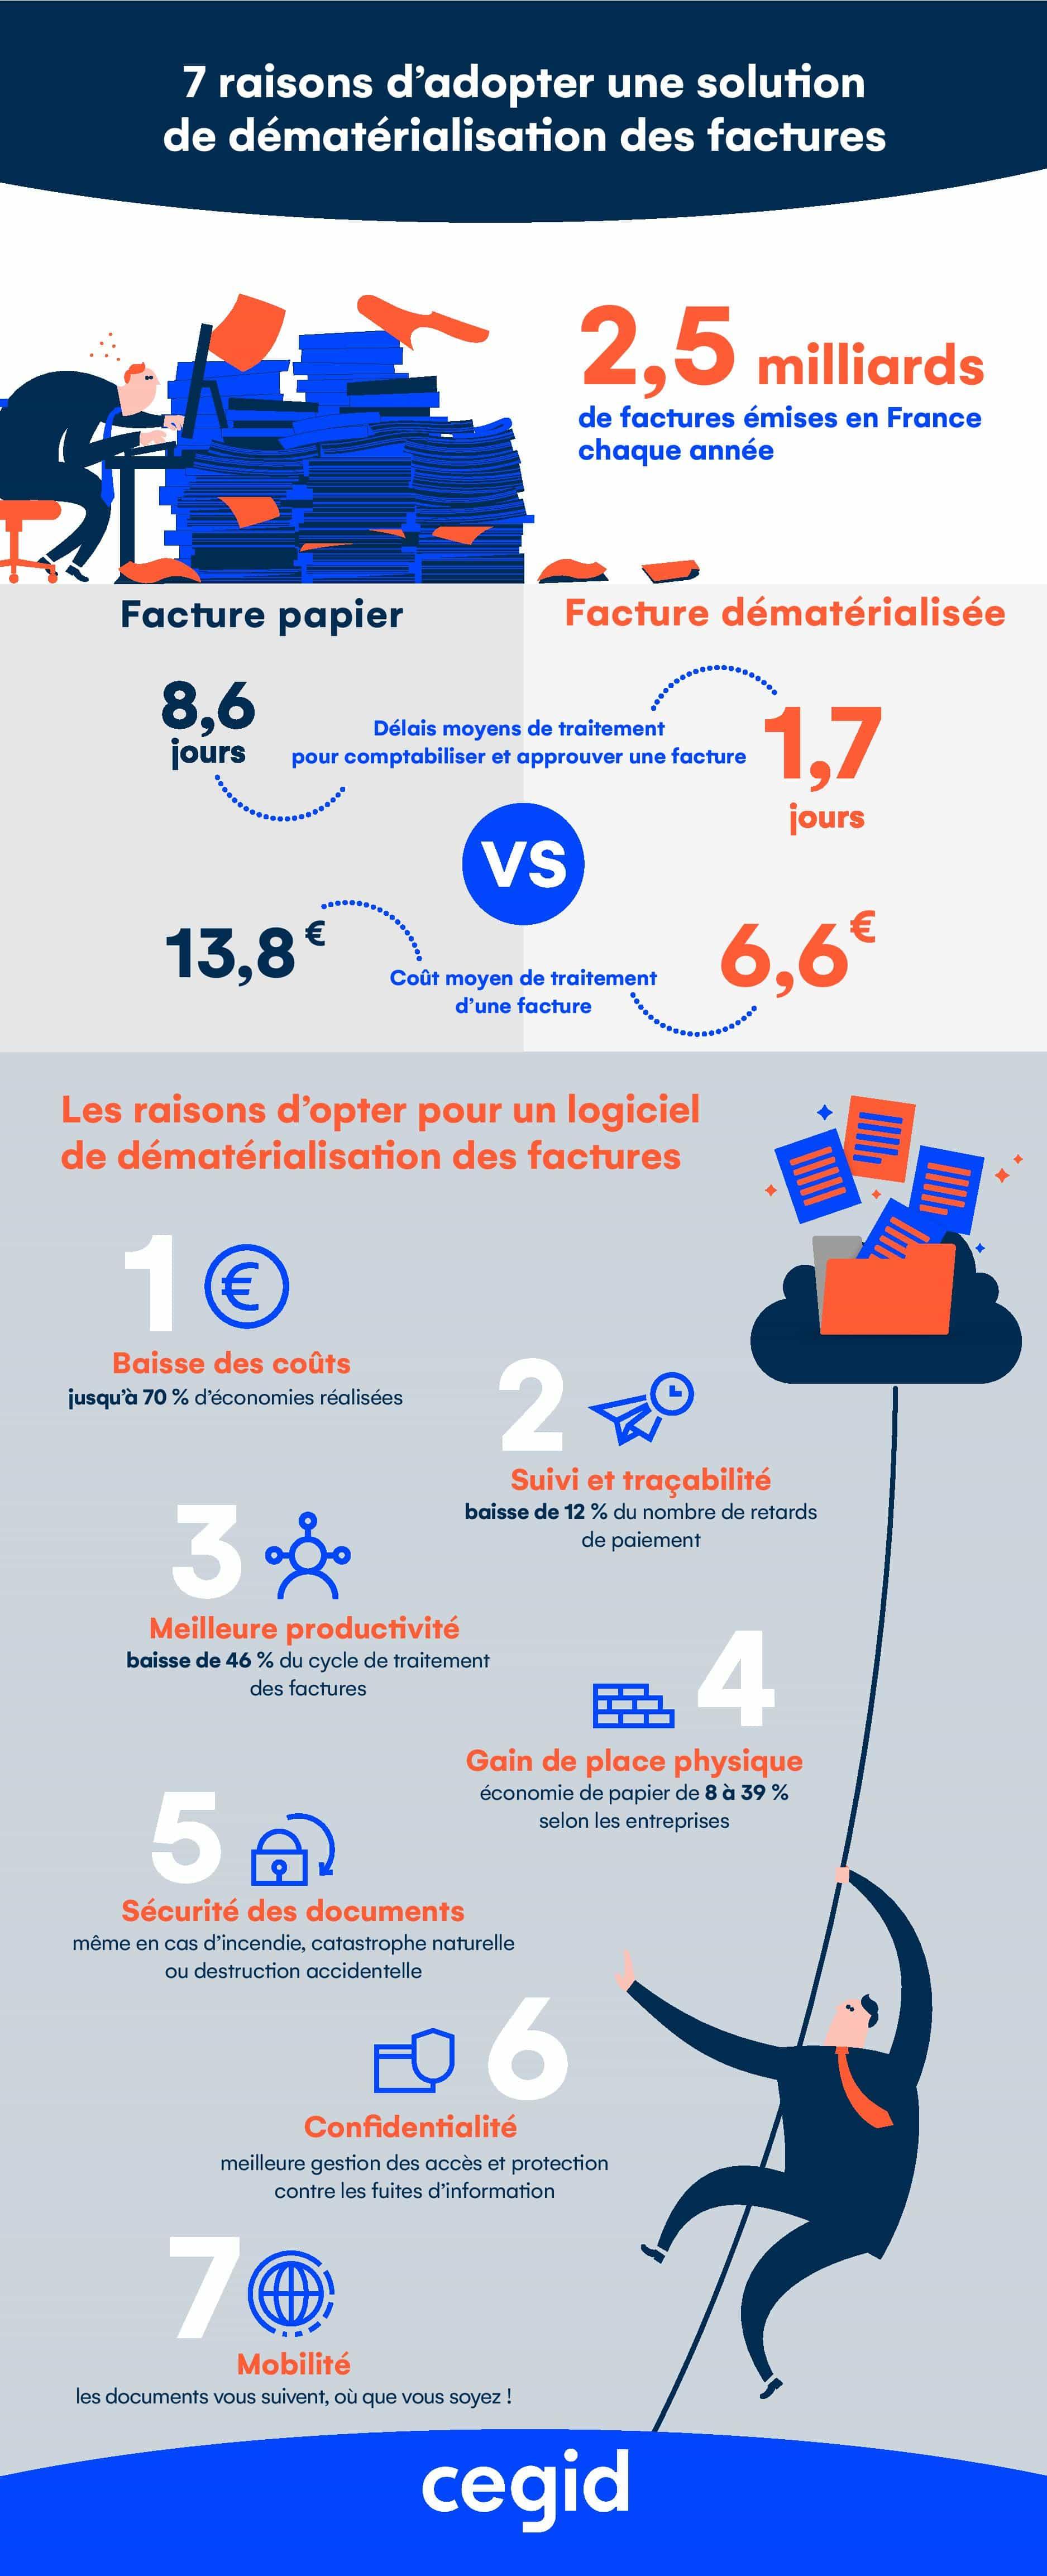 Infographie : 7 raisons d'adopter un logiciel de dématérialisation des factures – Le Portail Cegid